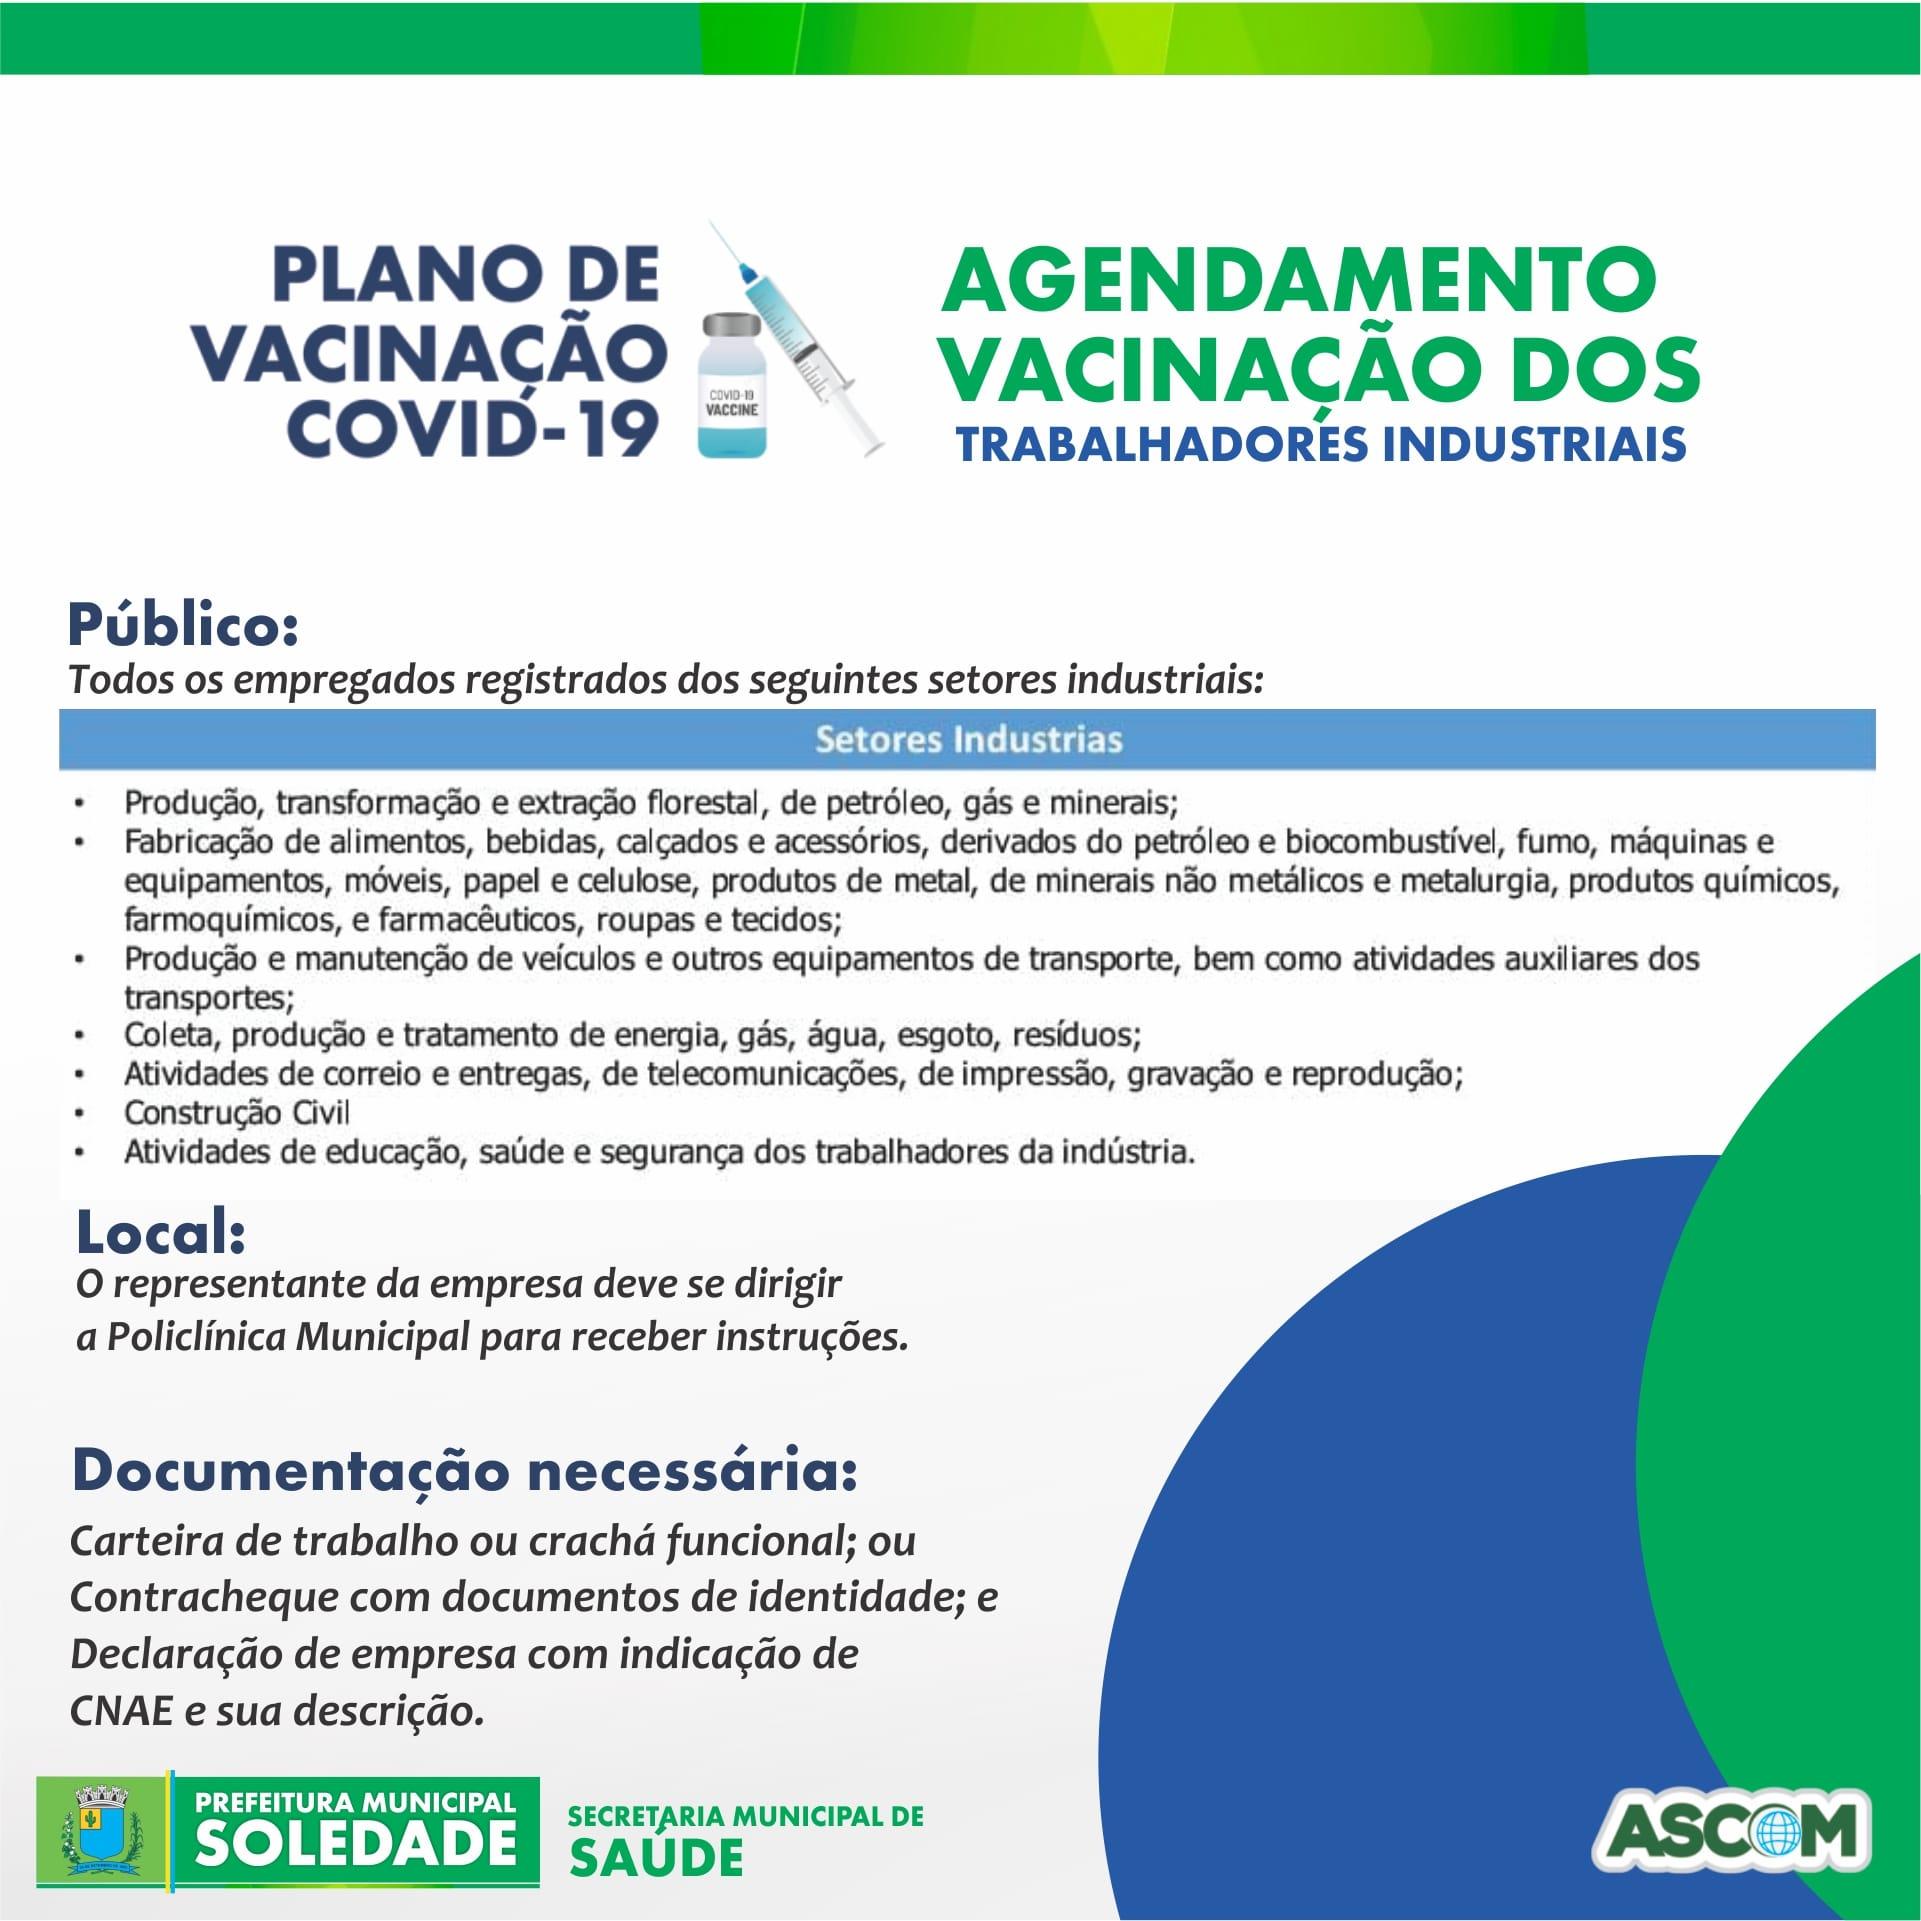 Trabalhadores Industriais deverão agendar a vacinação contra a Covid-19